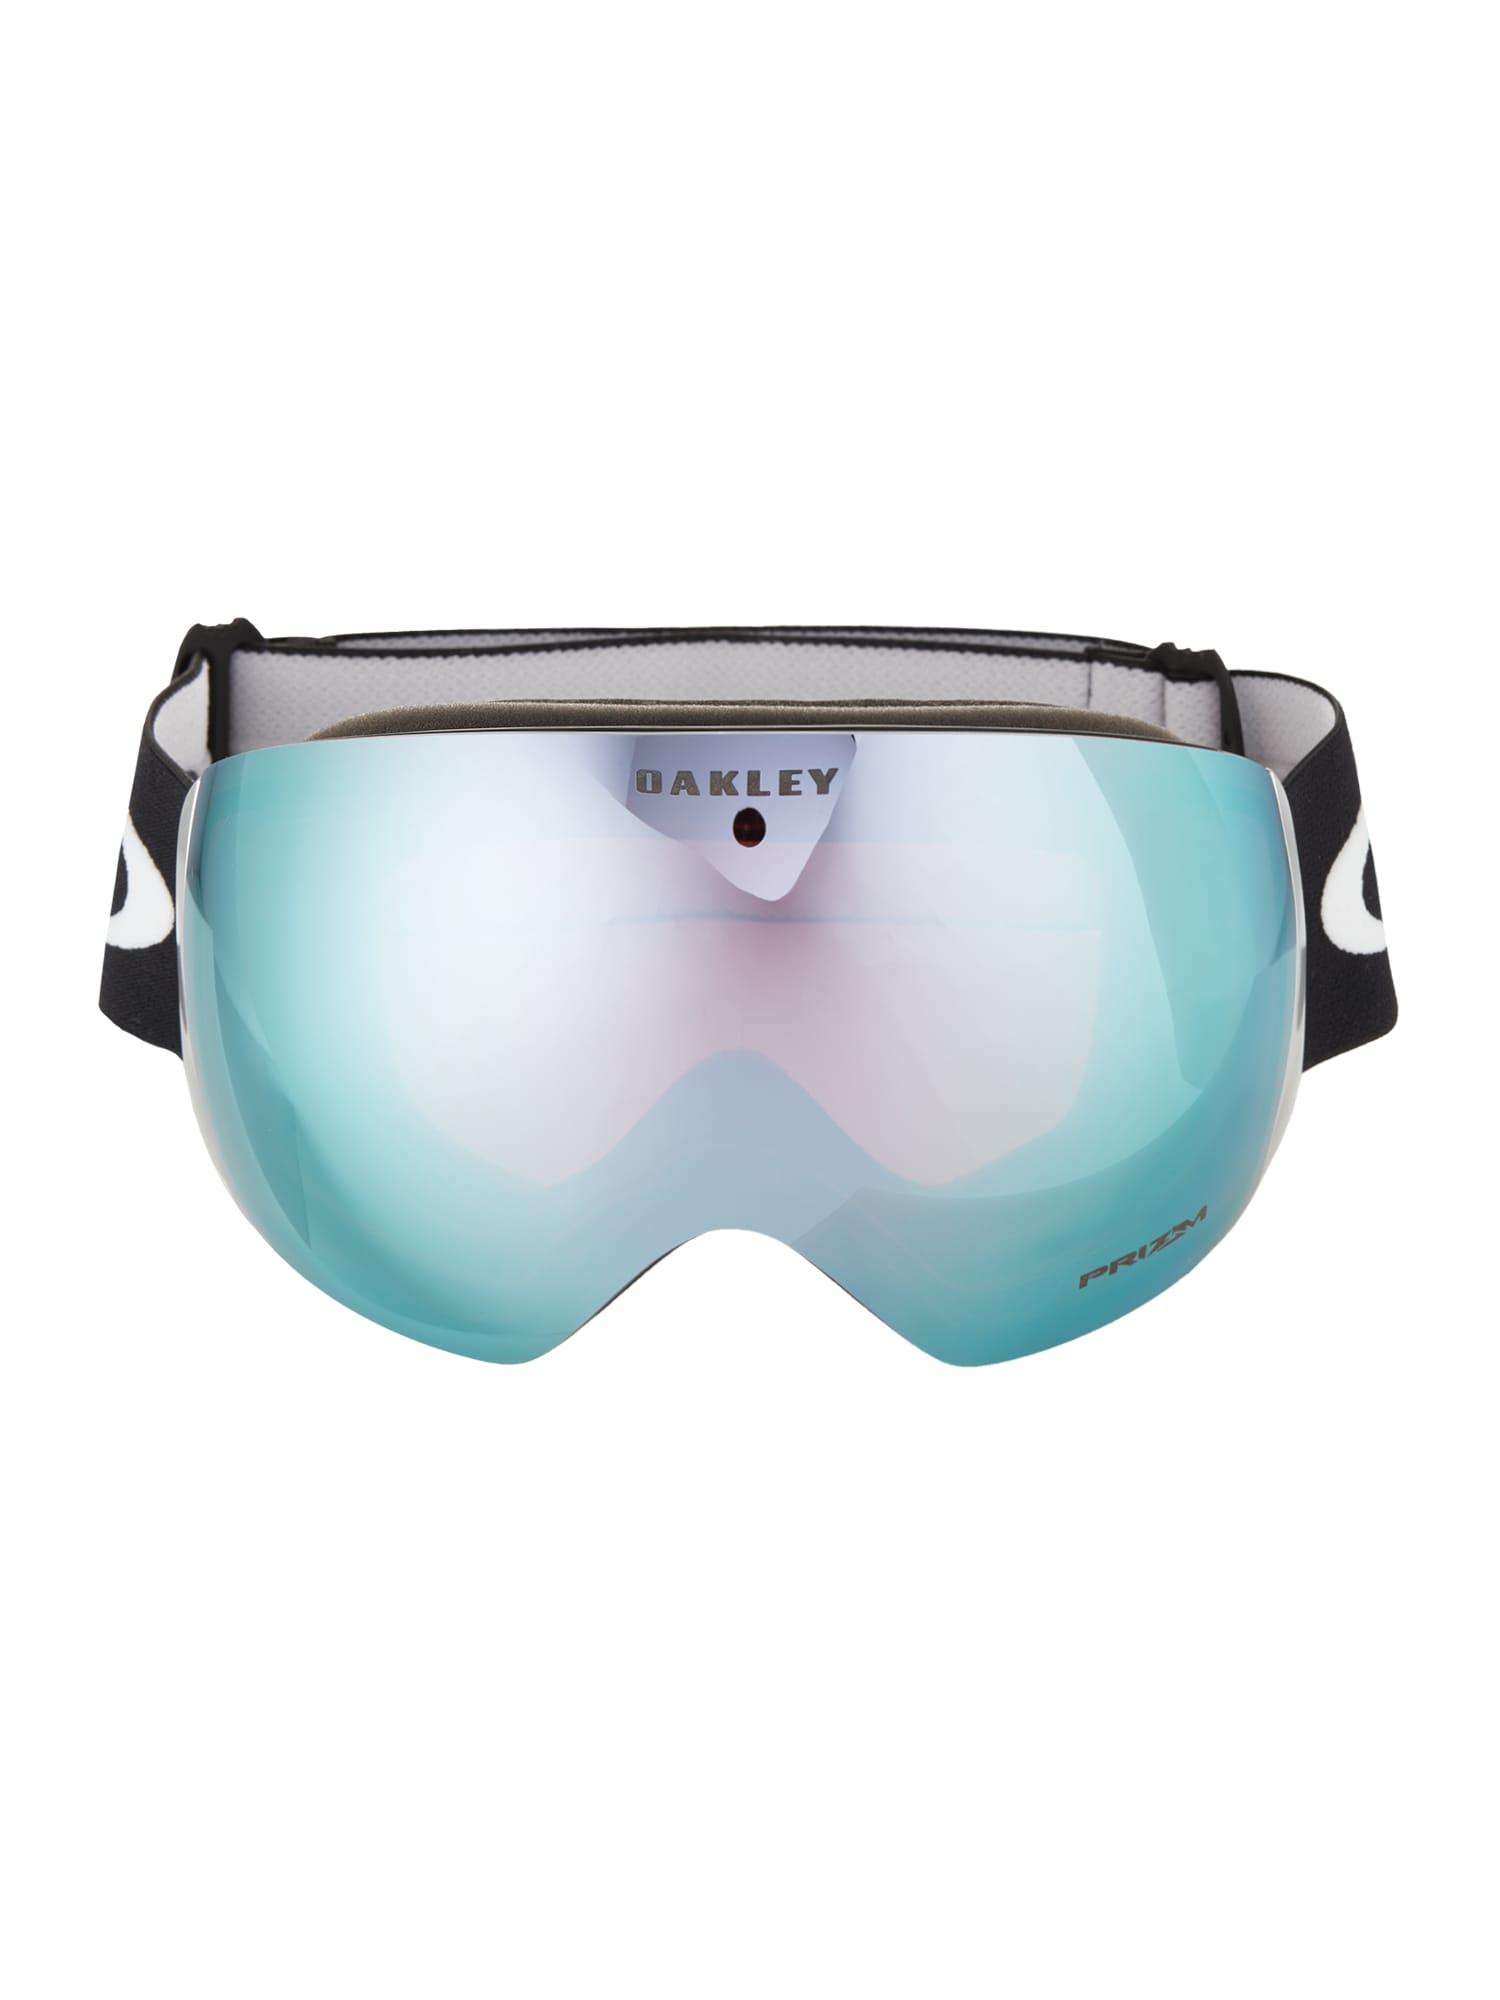 OAKLEY Sportiniai akiniai 'Flight Deck' safyro / juoda